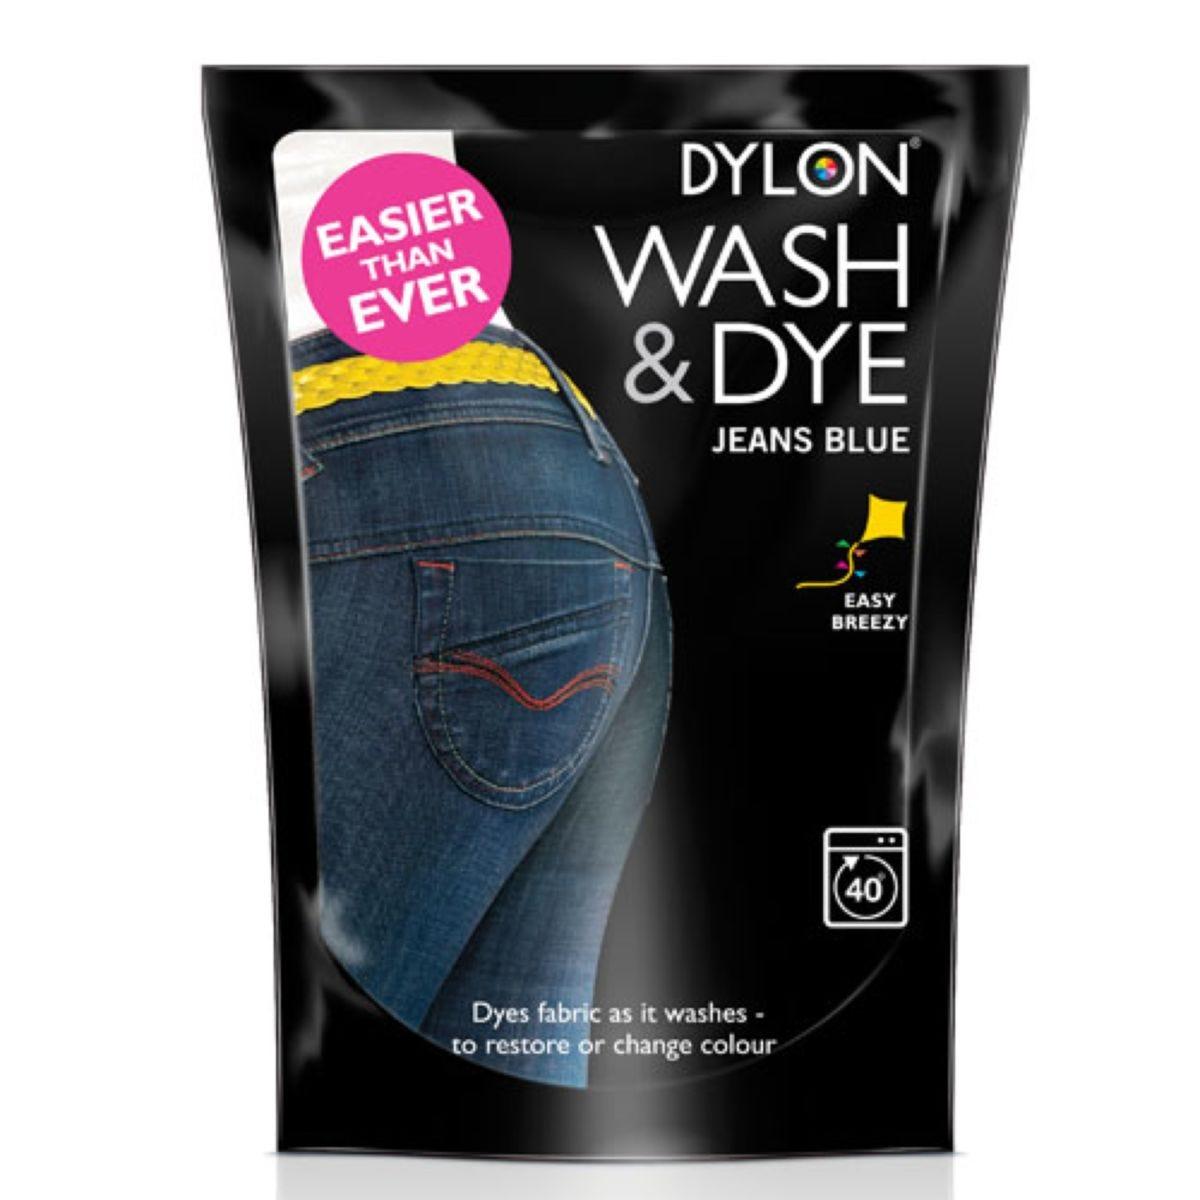 Dylon Jeans Blue Wash & Dye